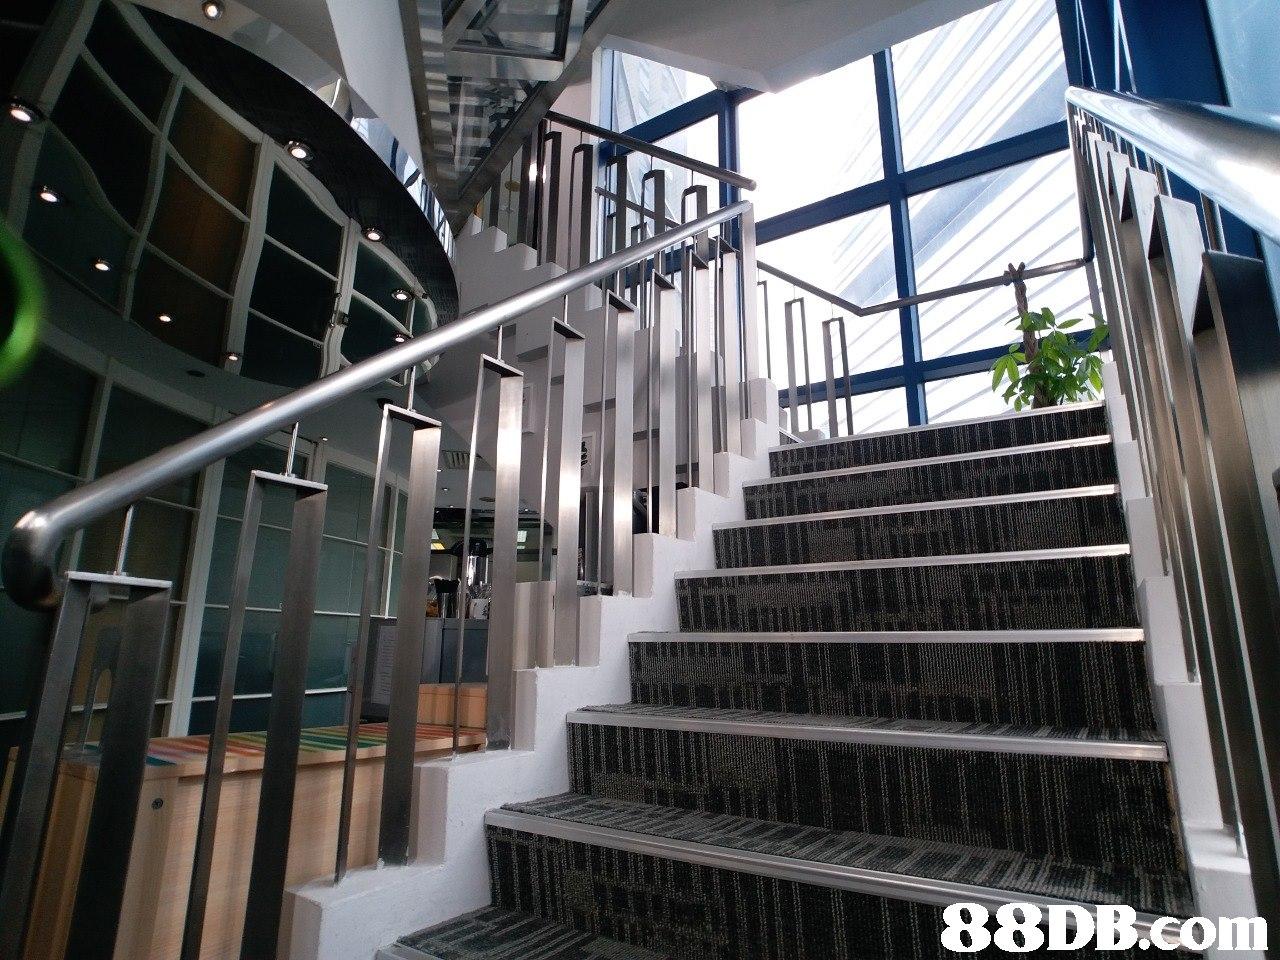 88DB.com  stairs